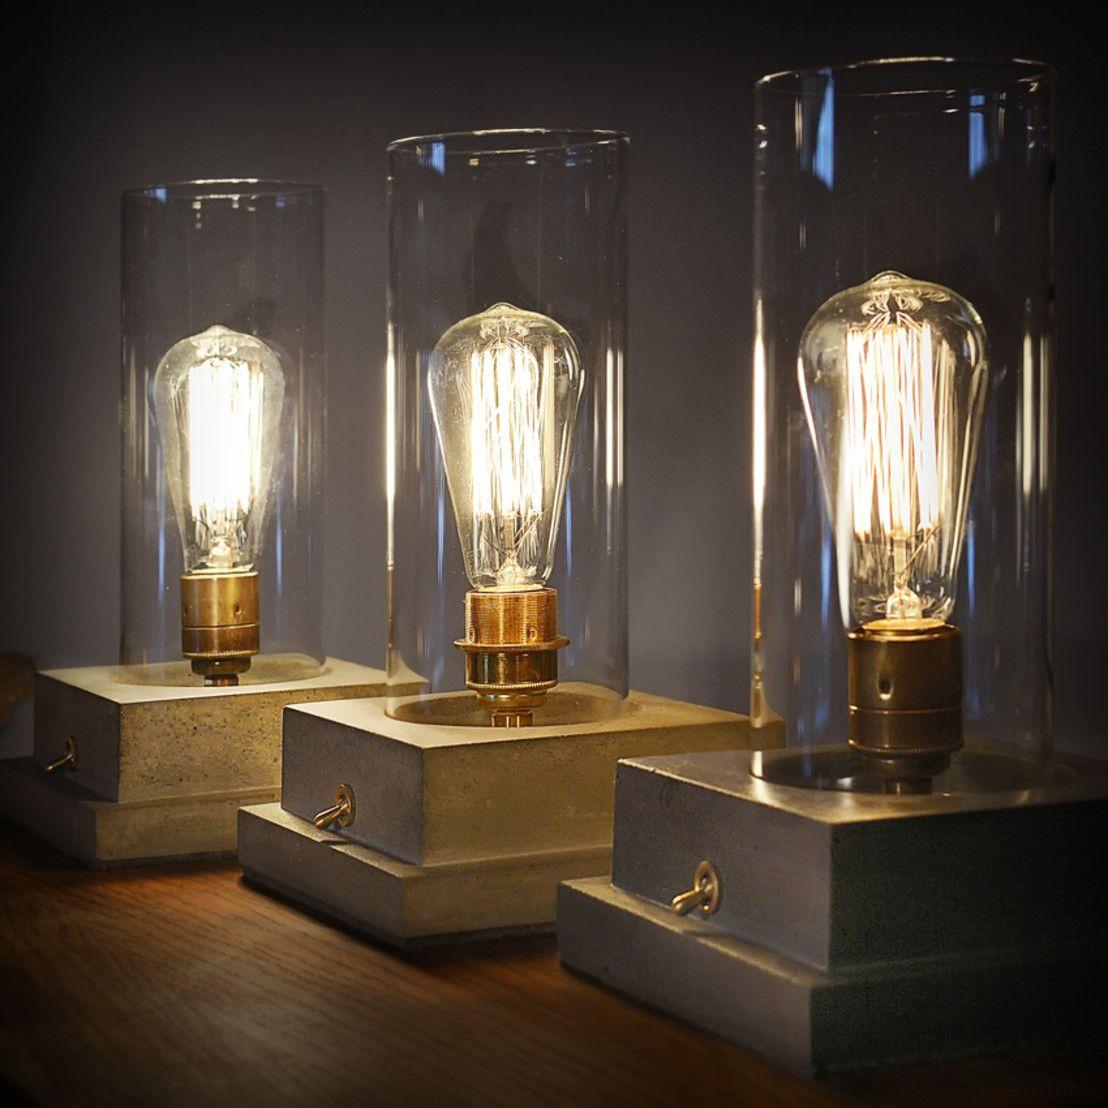 Coole lampen beleuchtung lampen leuchten lampen coole lampen und beleuchtung - Coole lampen wohnzimmer ...